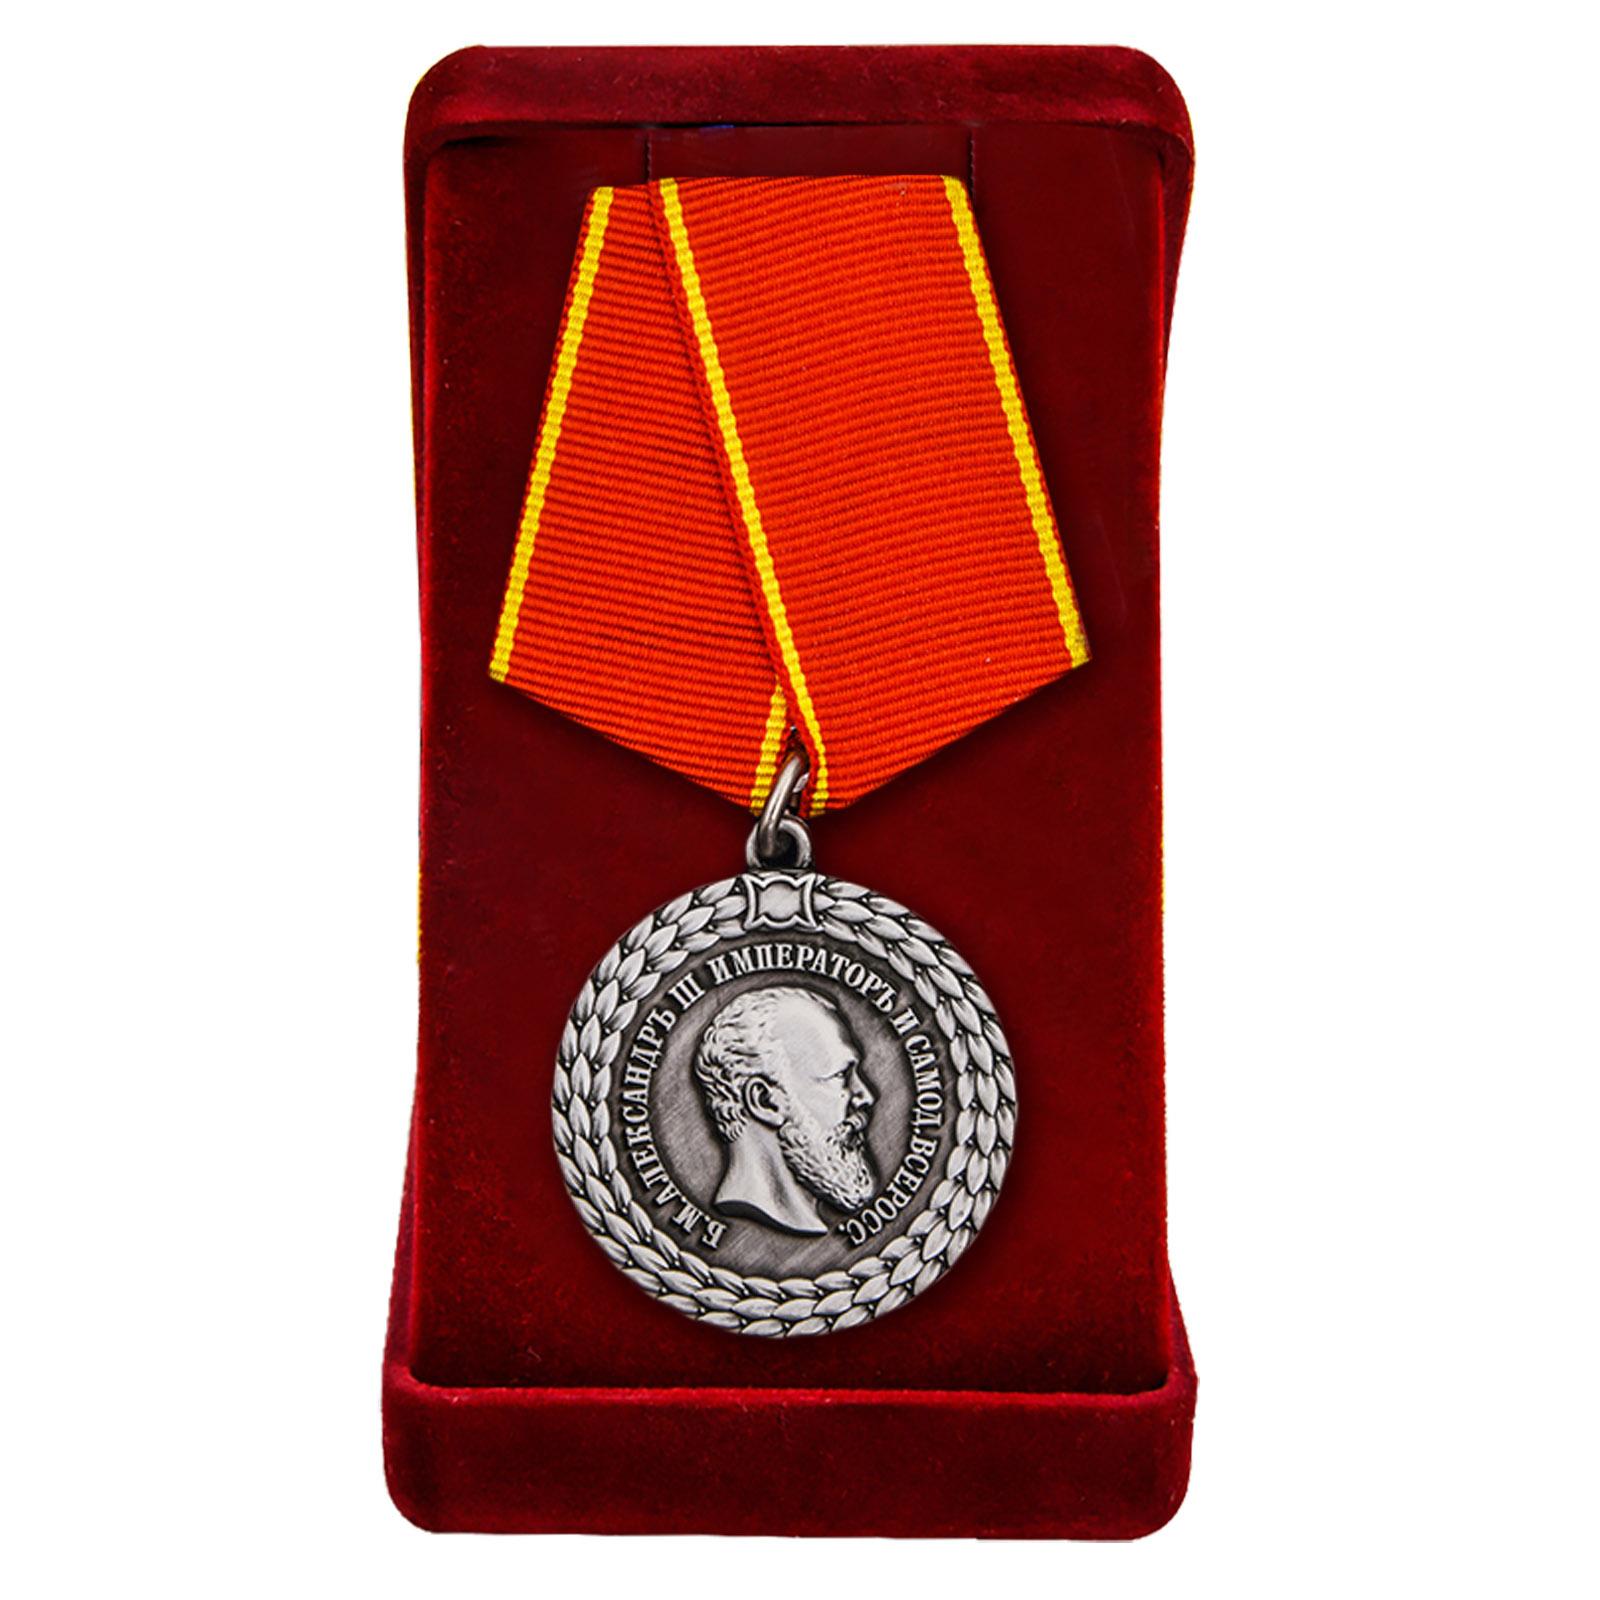 Купить медаль Александра III За беспорочную службу в полиции в подарок